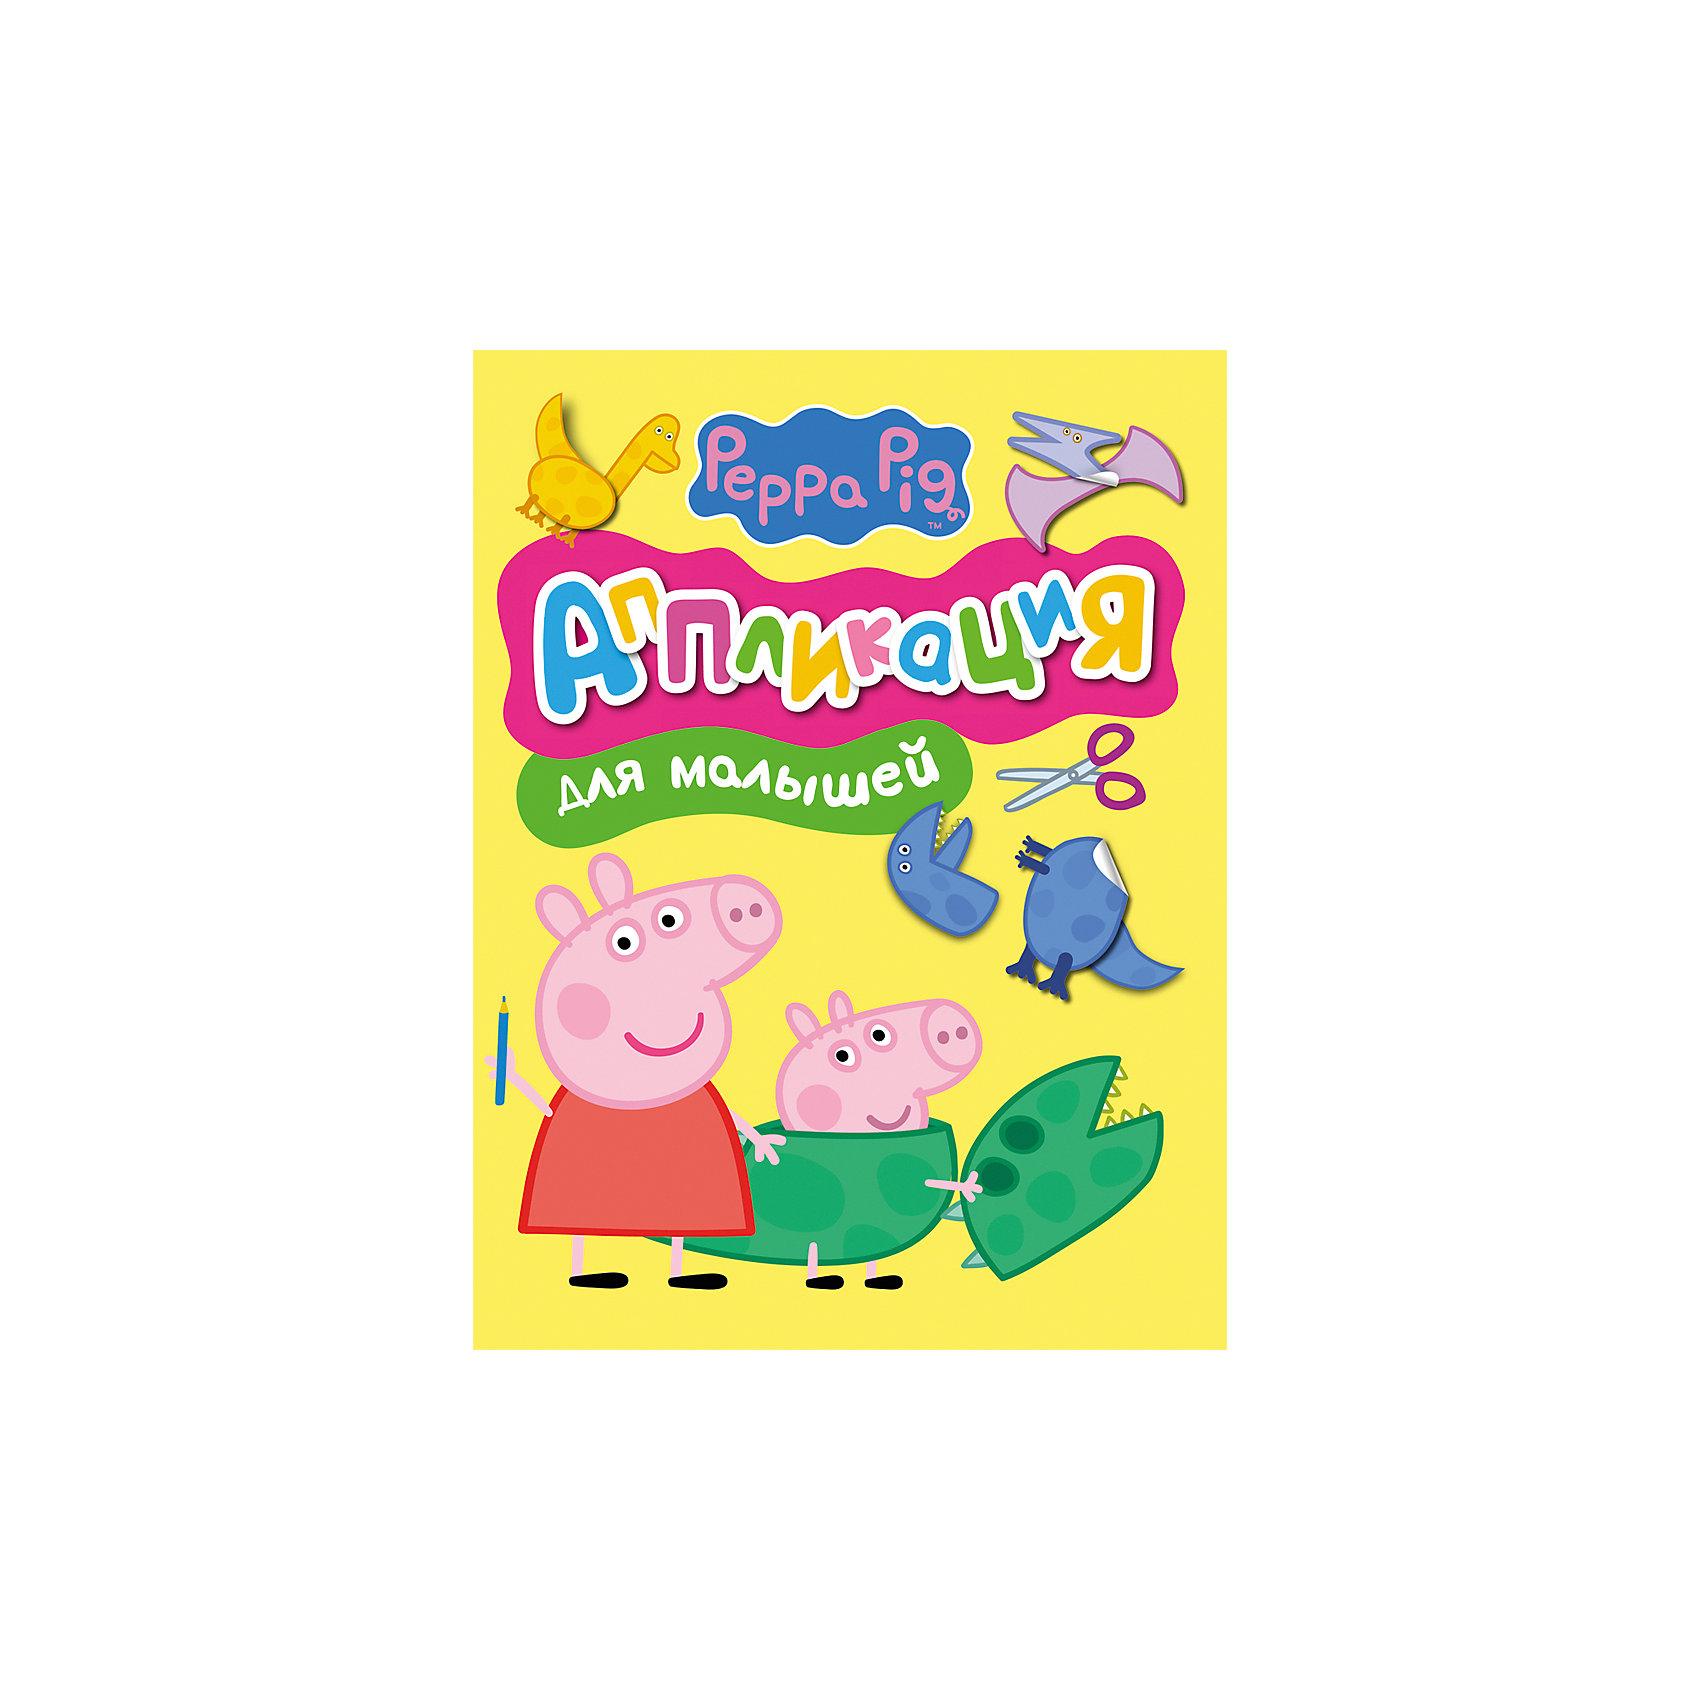 Аппликация для малышей Свинка ПеппаСвинка Пеппа<br>Аппликация для малышей Свинка Пеппа – это возможность создать красочные аппликации по мотивам мультсериала «Свинка Пеппа».<br>Аппликация - это интересное и эффективное занятие, которое в увлекательной форме поможет ребенку развить аккуратность, внимание, воображение и мелкую моторику рук. Задания, собранные в этой книге, рассчитаны на детей от 3 до 5 лет. На каждом развороте вы найдете фоновую картинку для наклеивания деталей, перечень необходимых элементов, пошаговую инструкцию и иллюстрацию-подсказку. Все необходимые детали даны в конце книги. Вам потребуются только безопасные ножницы, клей и немного фантазии!<br><br>Дополнительная информация:<br><br>- Редактор: Смилевска Л.<br>- Издательство: Росмэн<br>- Тип обложки: мягкая обложка<br>- Иллюстрации: цветные<br>- Количество страниц: 12 (офсет)<br>- Размер: 275х210х2 мм.<br>- Вес: 60 гр.<br><br>Книгу Аппликация для малышей Свинка Пеппа можно купить в нашем интернет-магазине.<br><br>Ширина мм: 275<br>Глубина мм: 210<br>Высота мм: 1<br>Вес г: 60<br>Возраст от месяцев: 36<br>Возраст до месяцев: 60<br>Пол: Унисекс<br>Возраст: Детский<br>SKU: 4572995